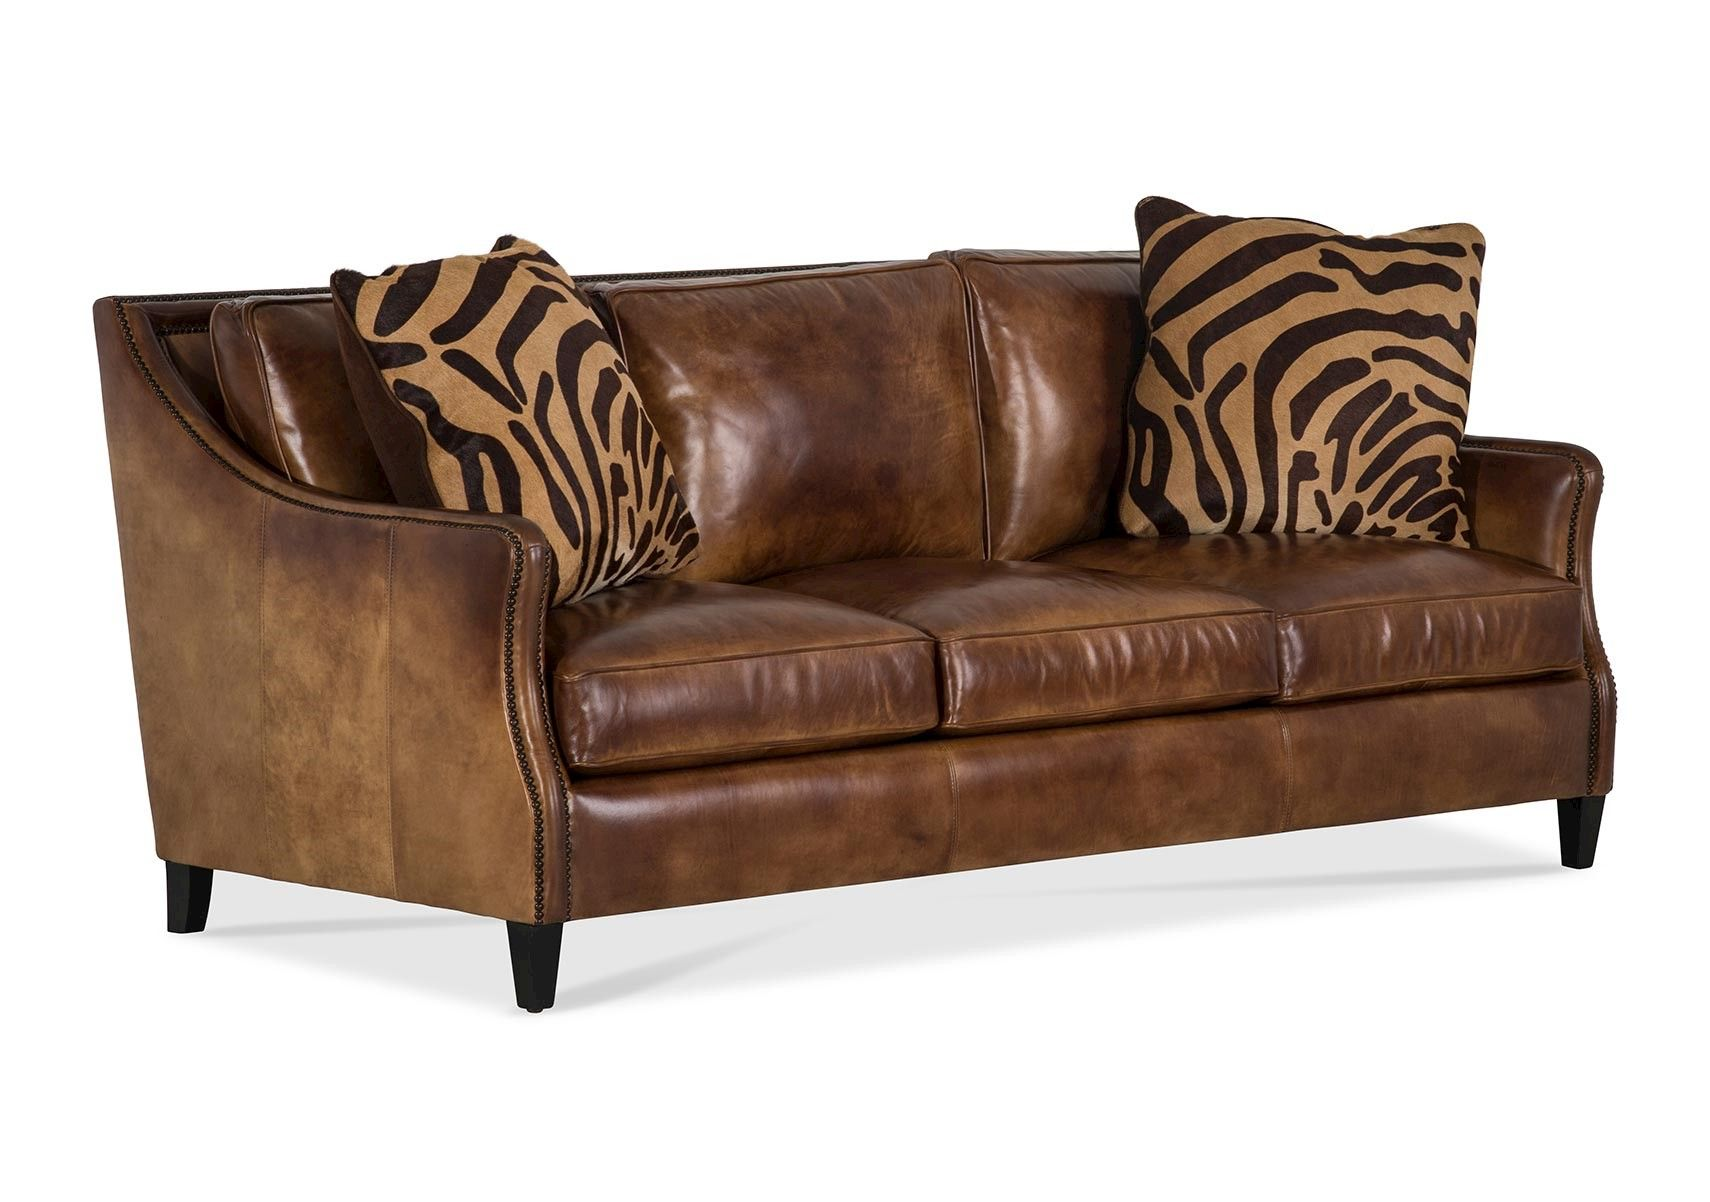 Lacks Hopkins All Leather Sofa